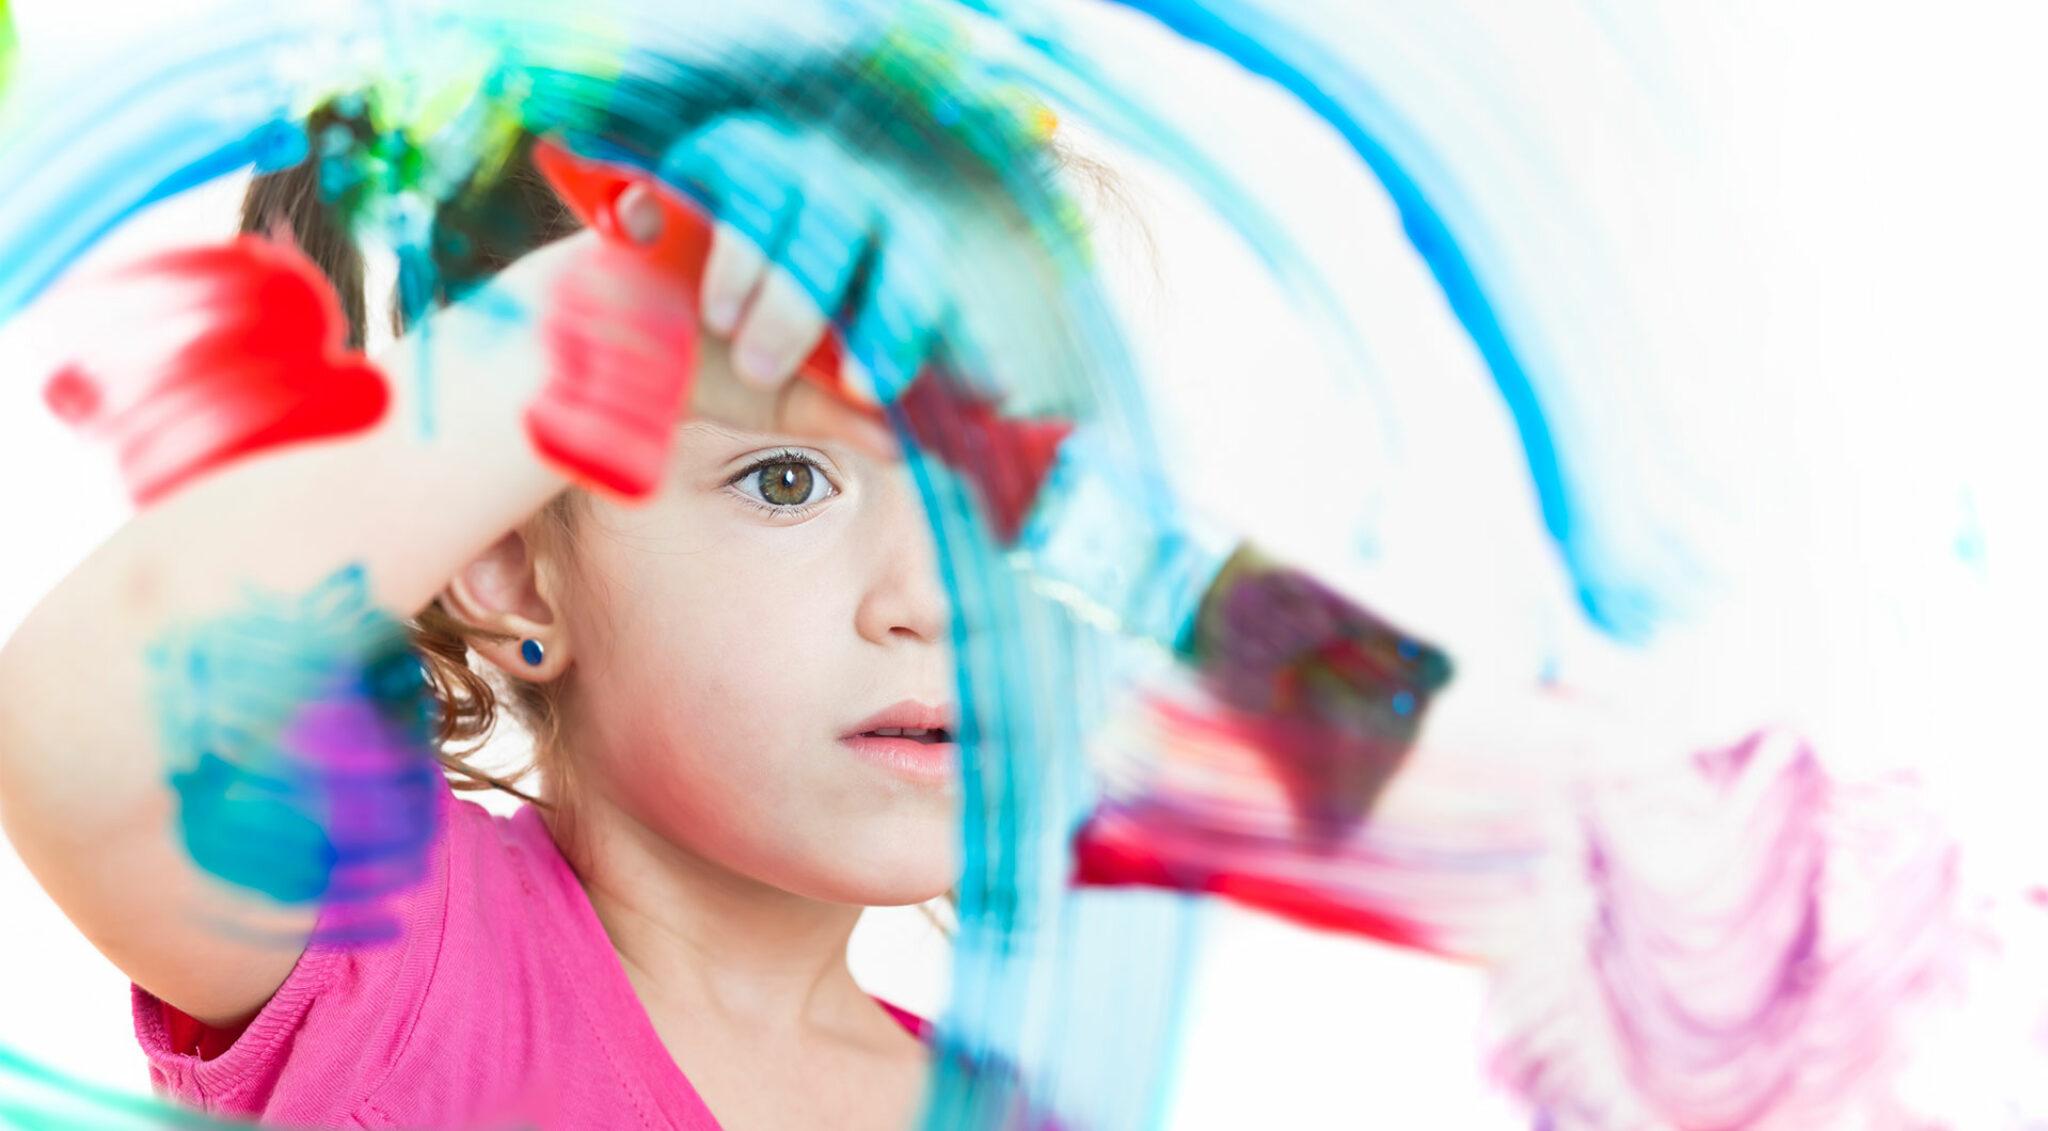 Ein Kind malt mit einem großen Pinsel.